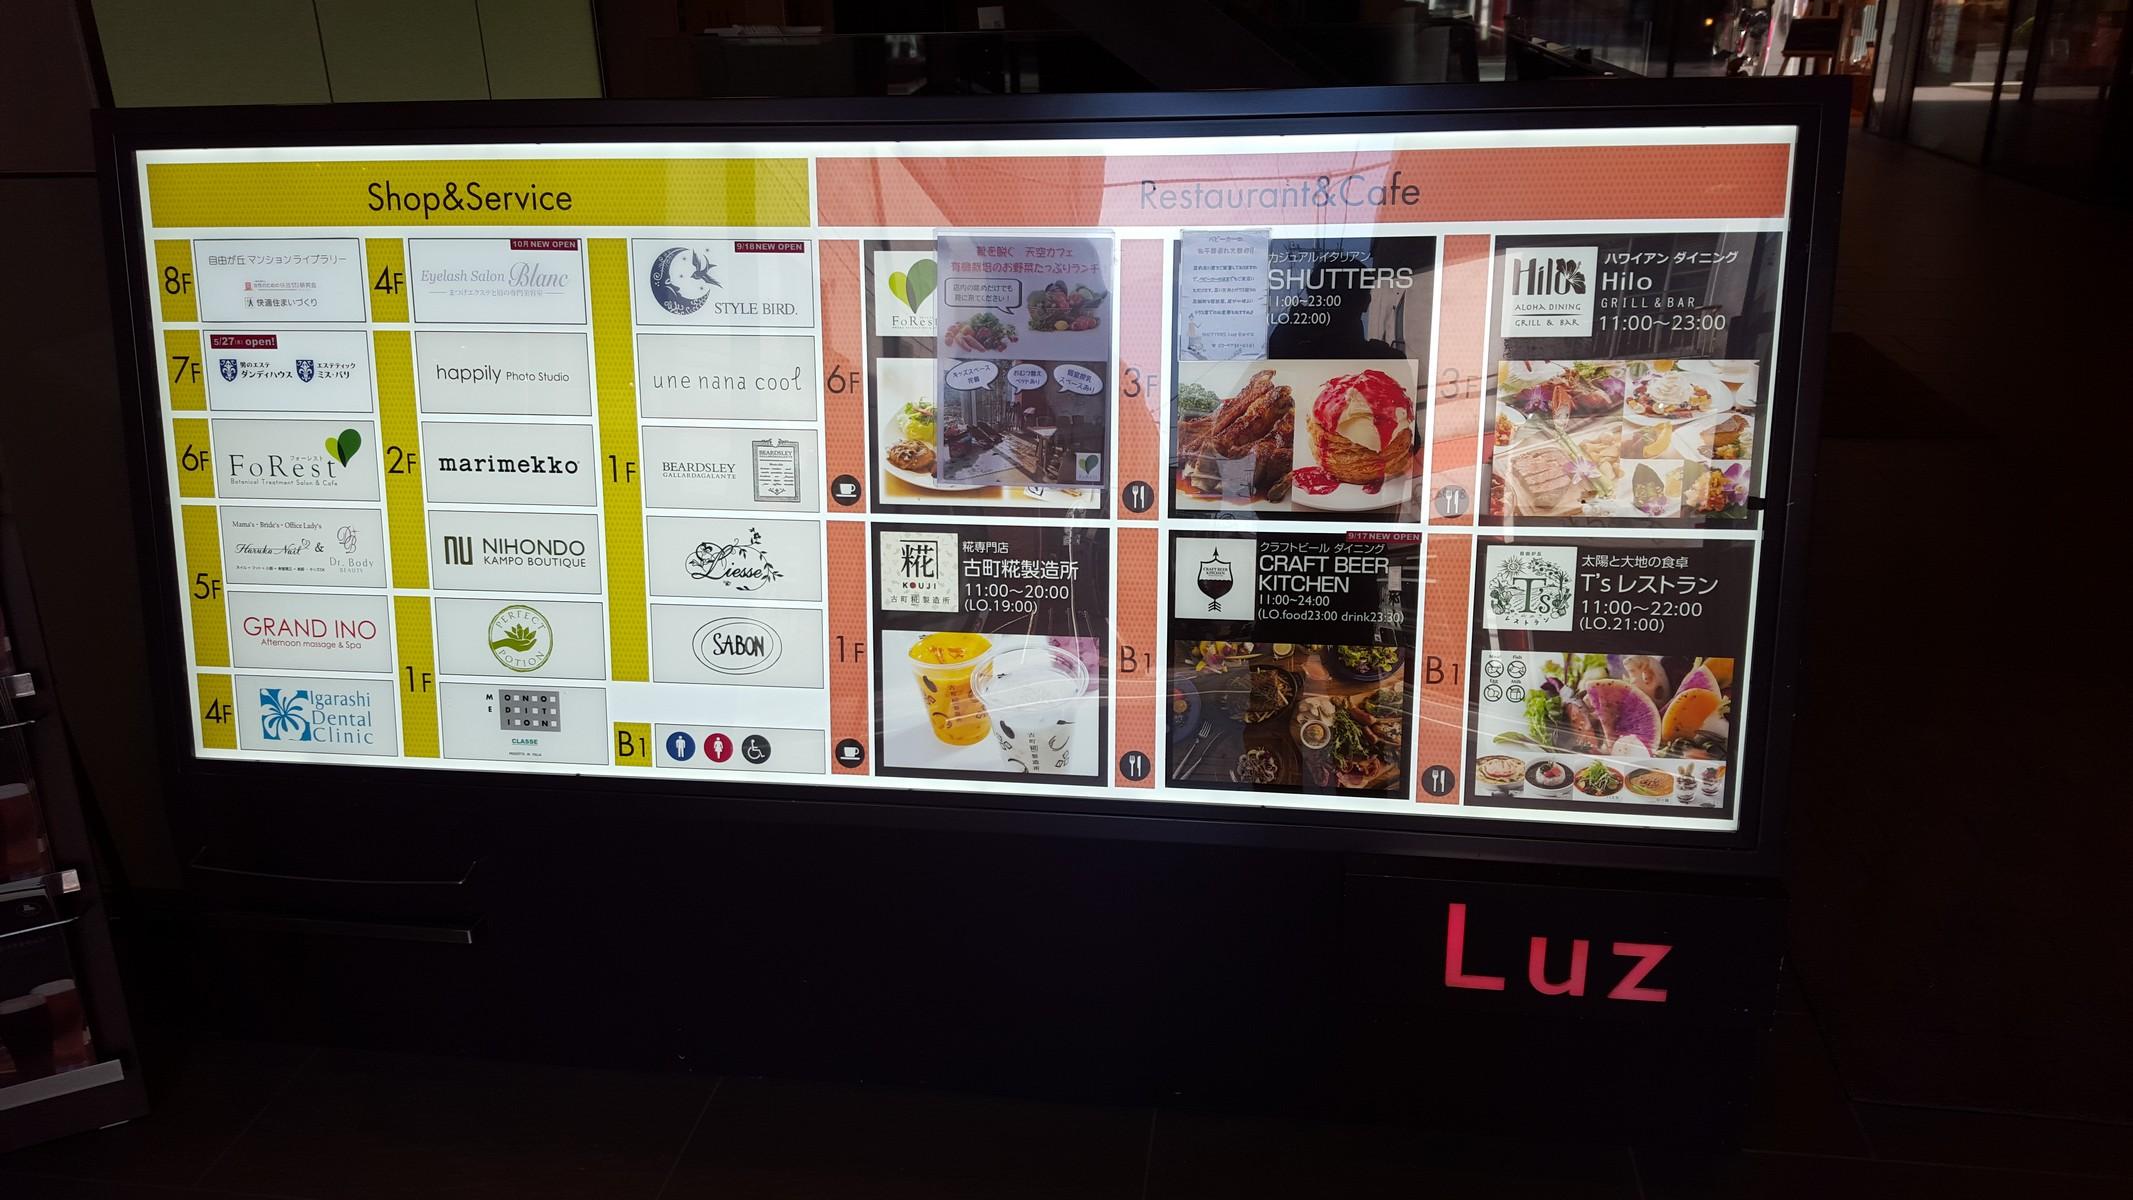 店舗の入ったビル、Luz【クラフトビアキッチン/自由が丘】